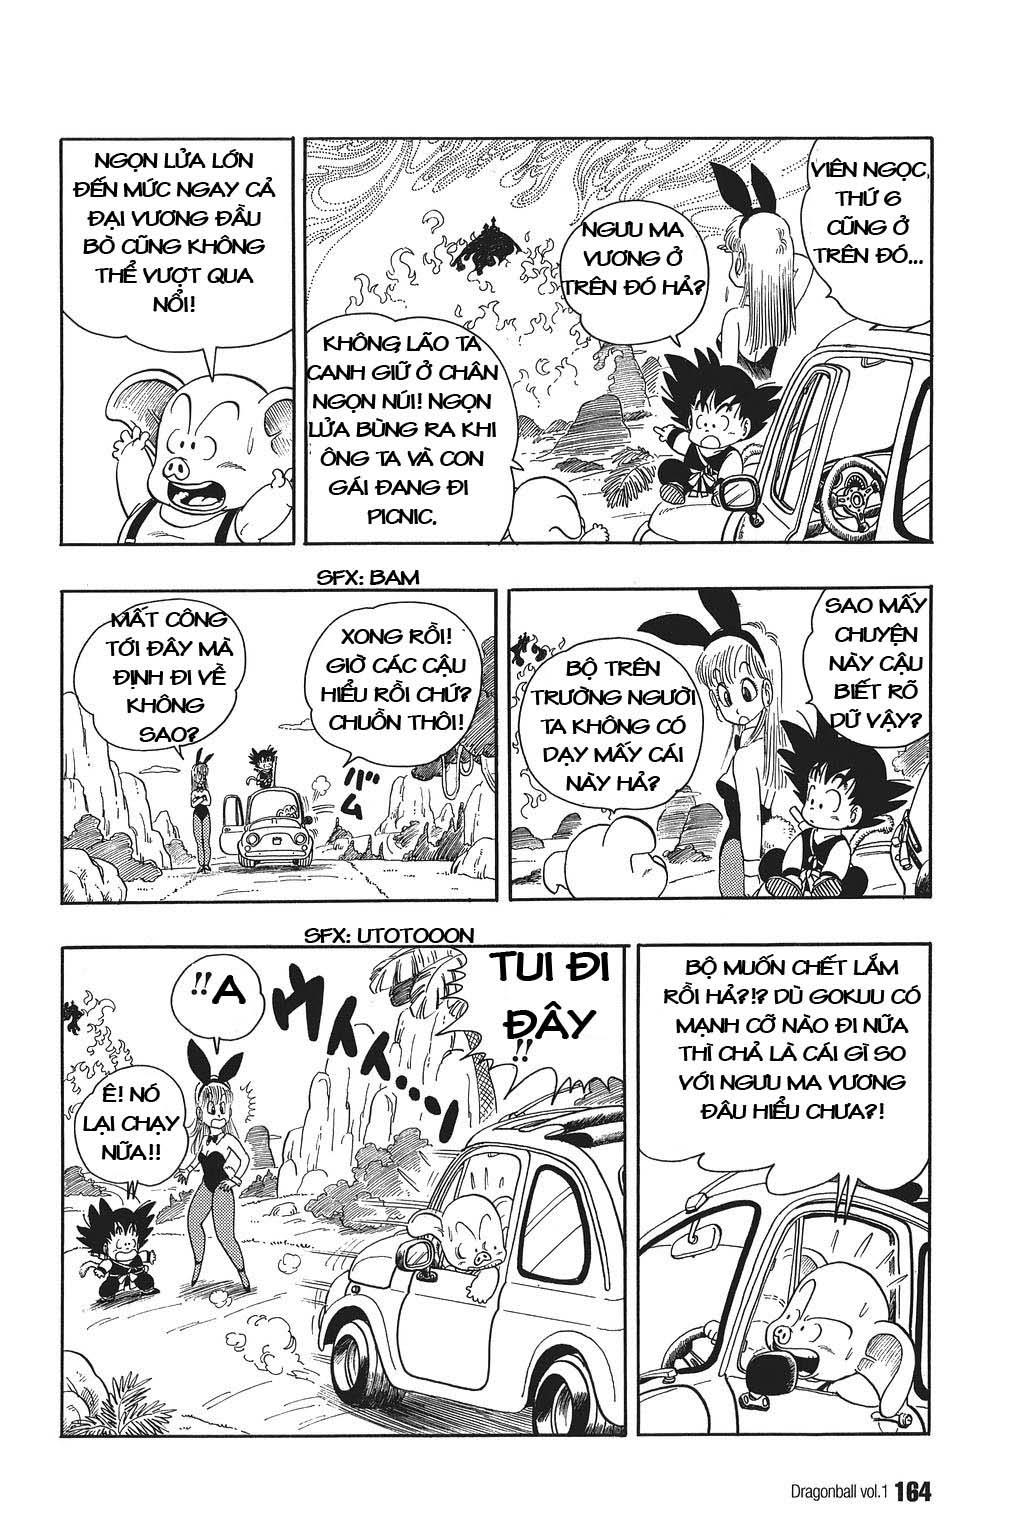 xem truyen moi - Dragon Ball Bản Vip - Bản Đẹp Nguyên Gốc Chap 11